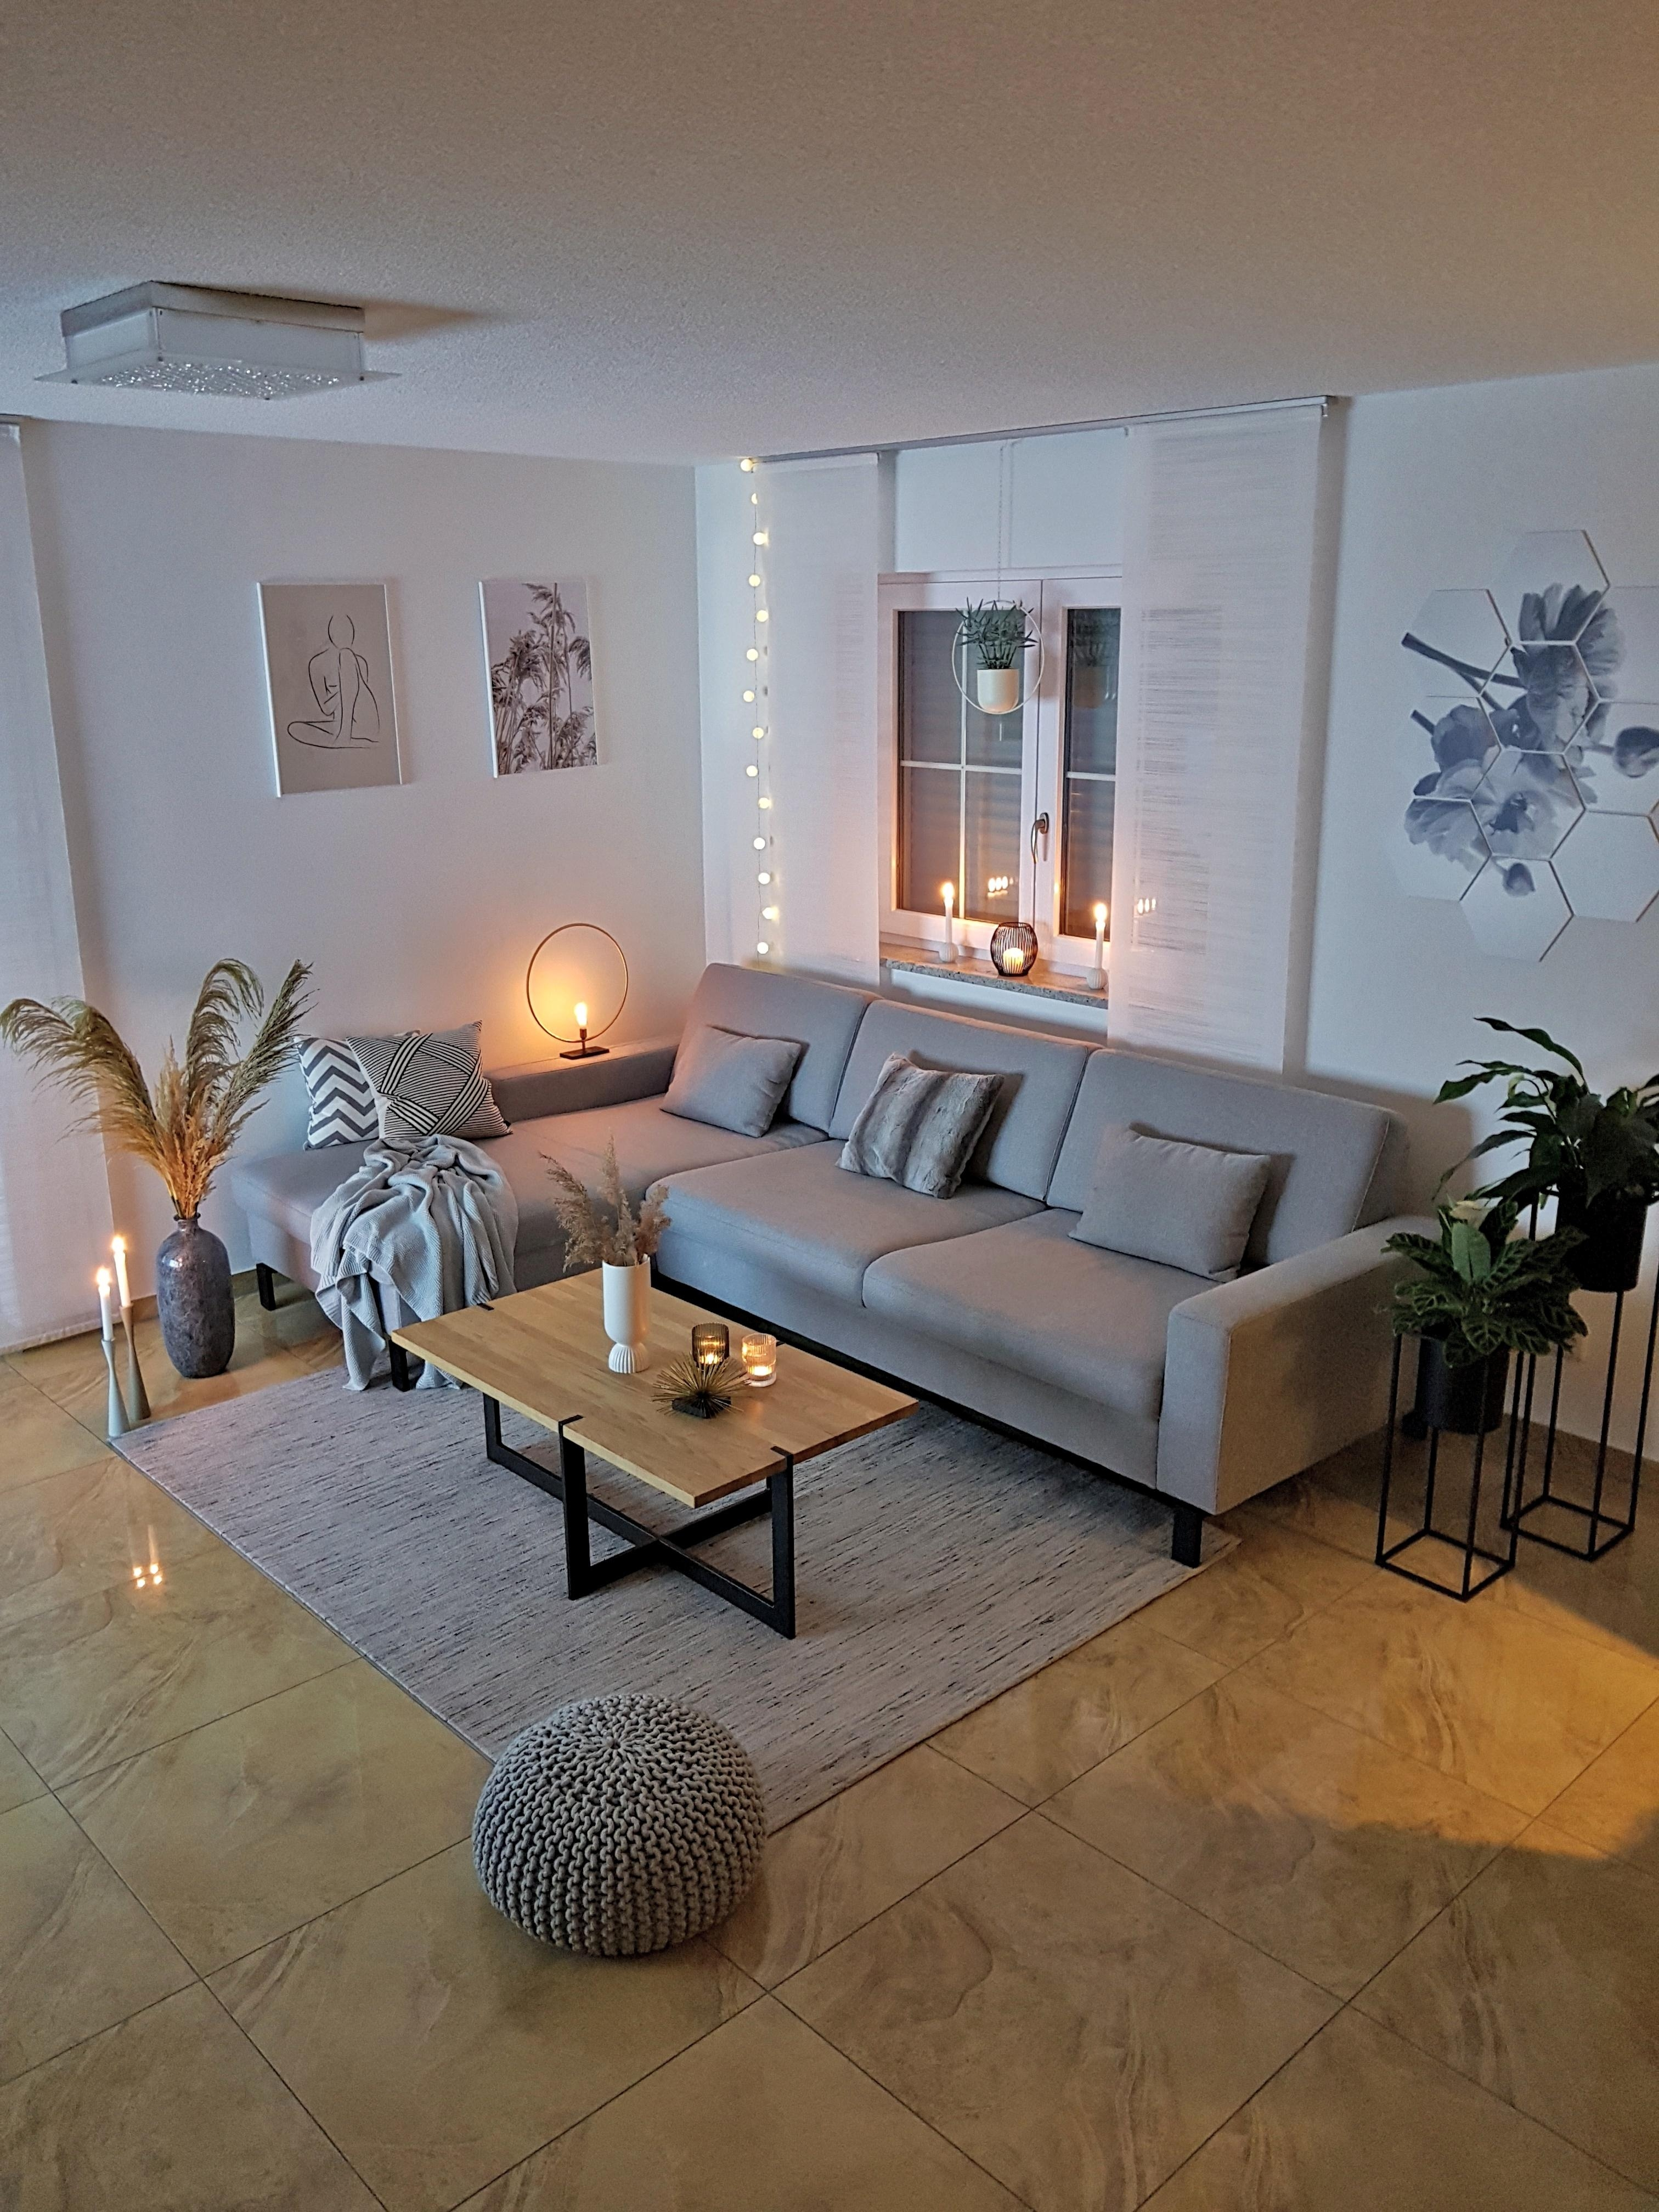 Couchtisch-Ideen für dein Wohnzimmer bei COUCH!